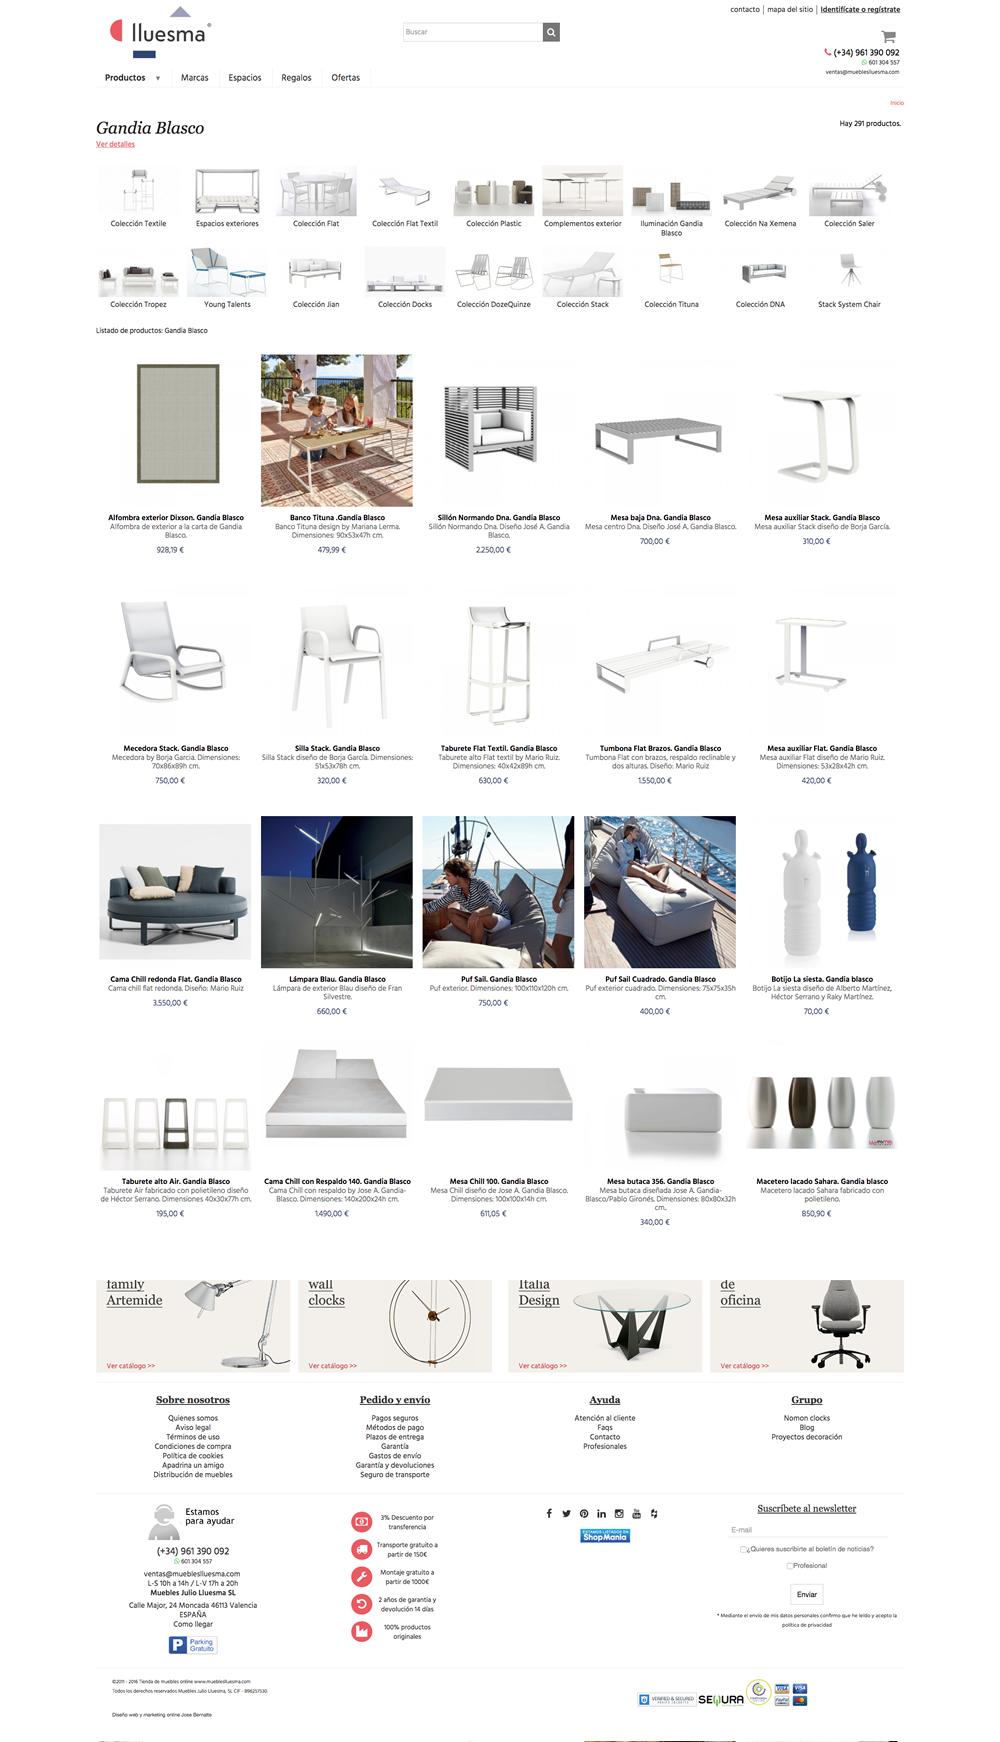 Dise O Y Desarrollo De La Tienda Online De Muebles Lluesma Jose  # Muebles Pagina Web